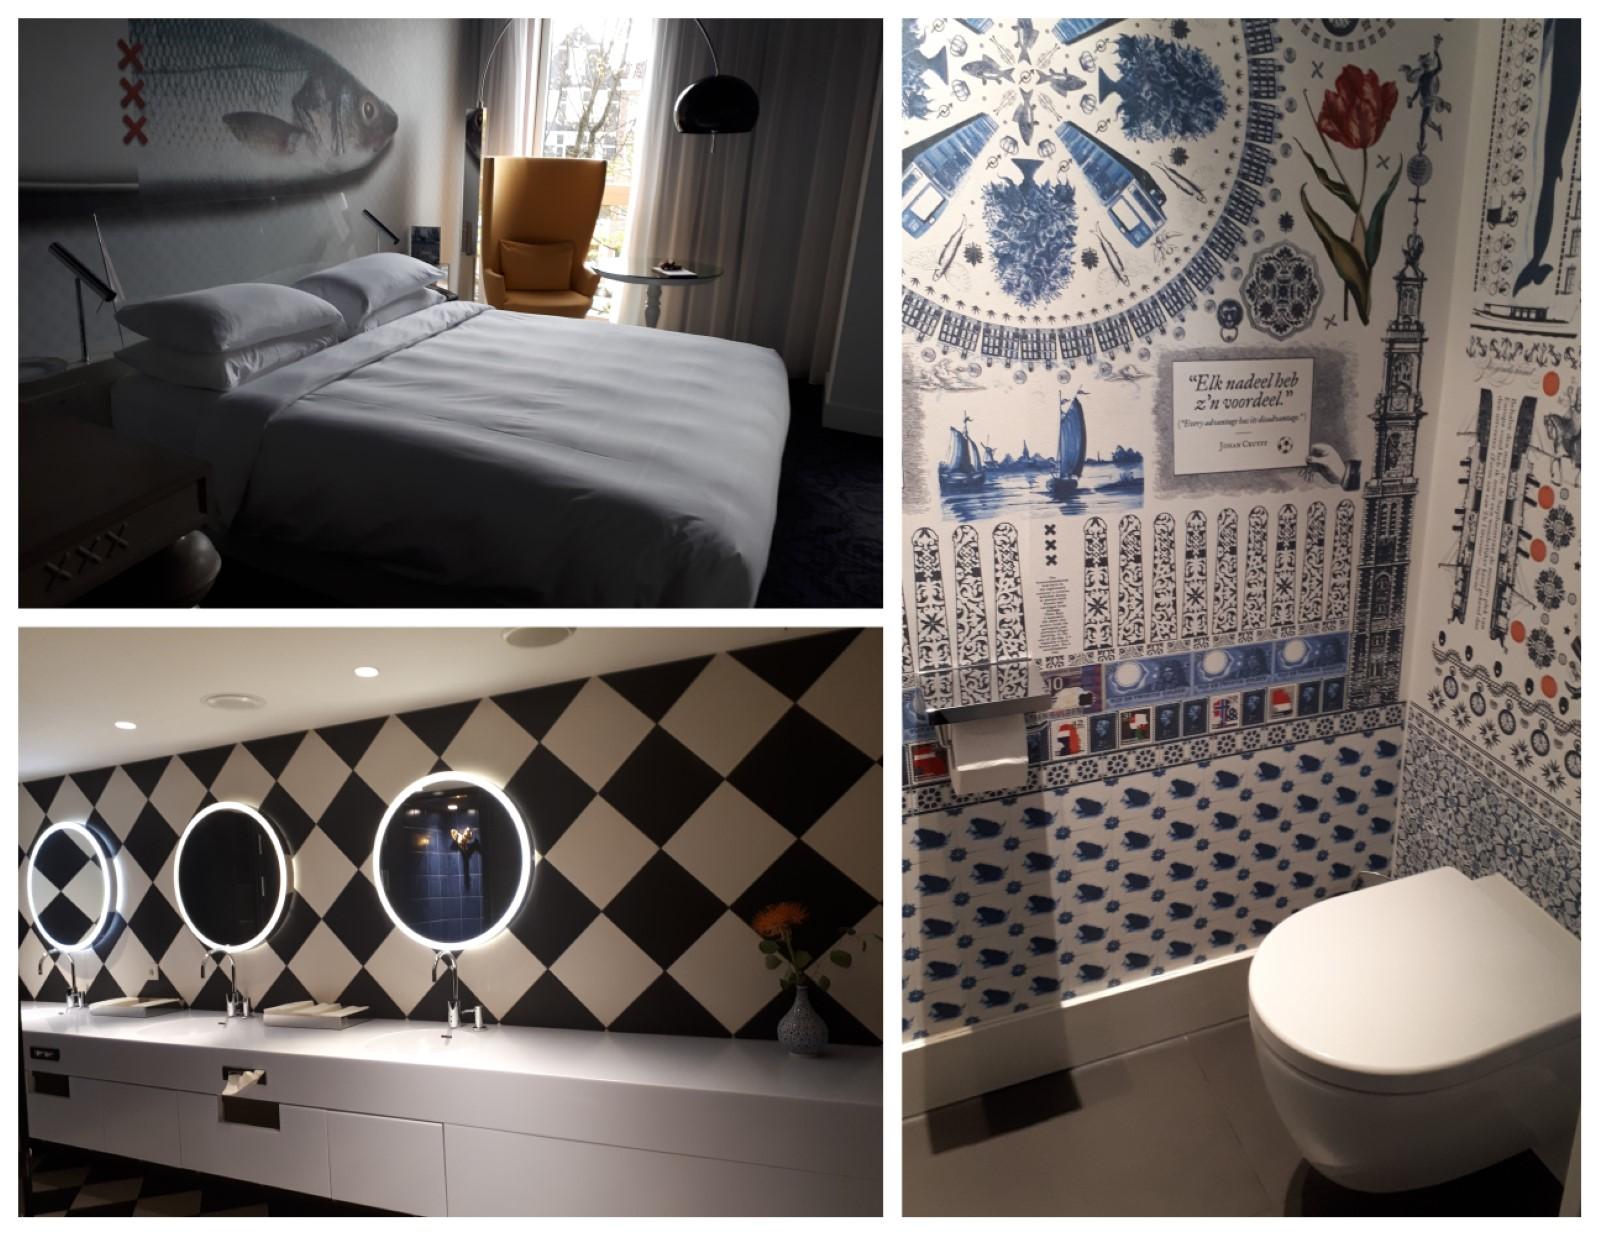 חדר השינה והשירותים